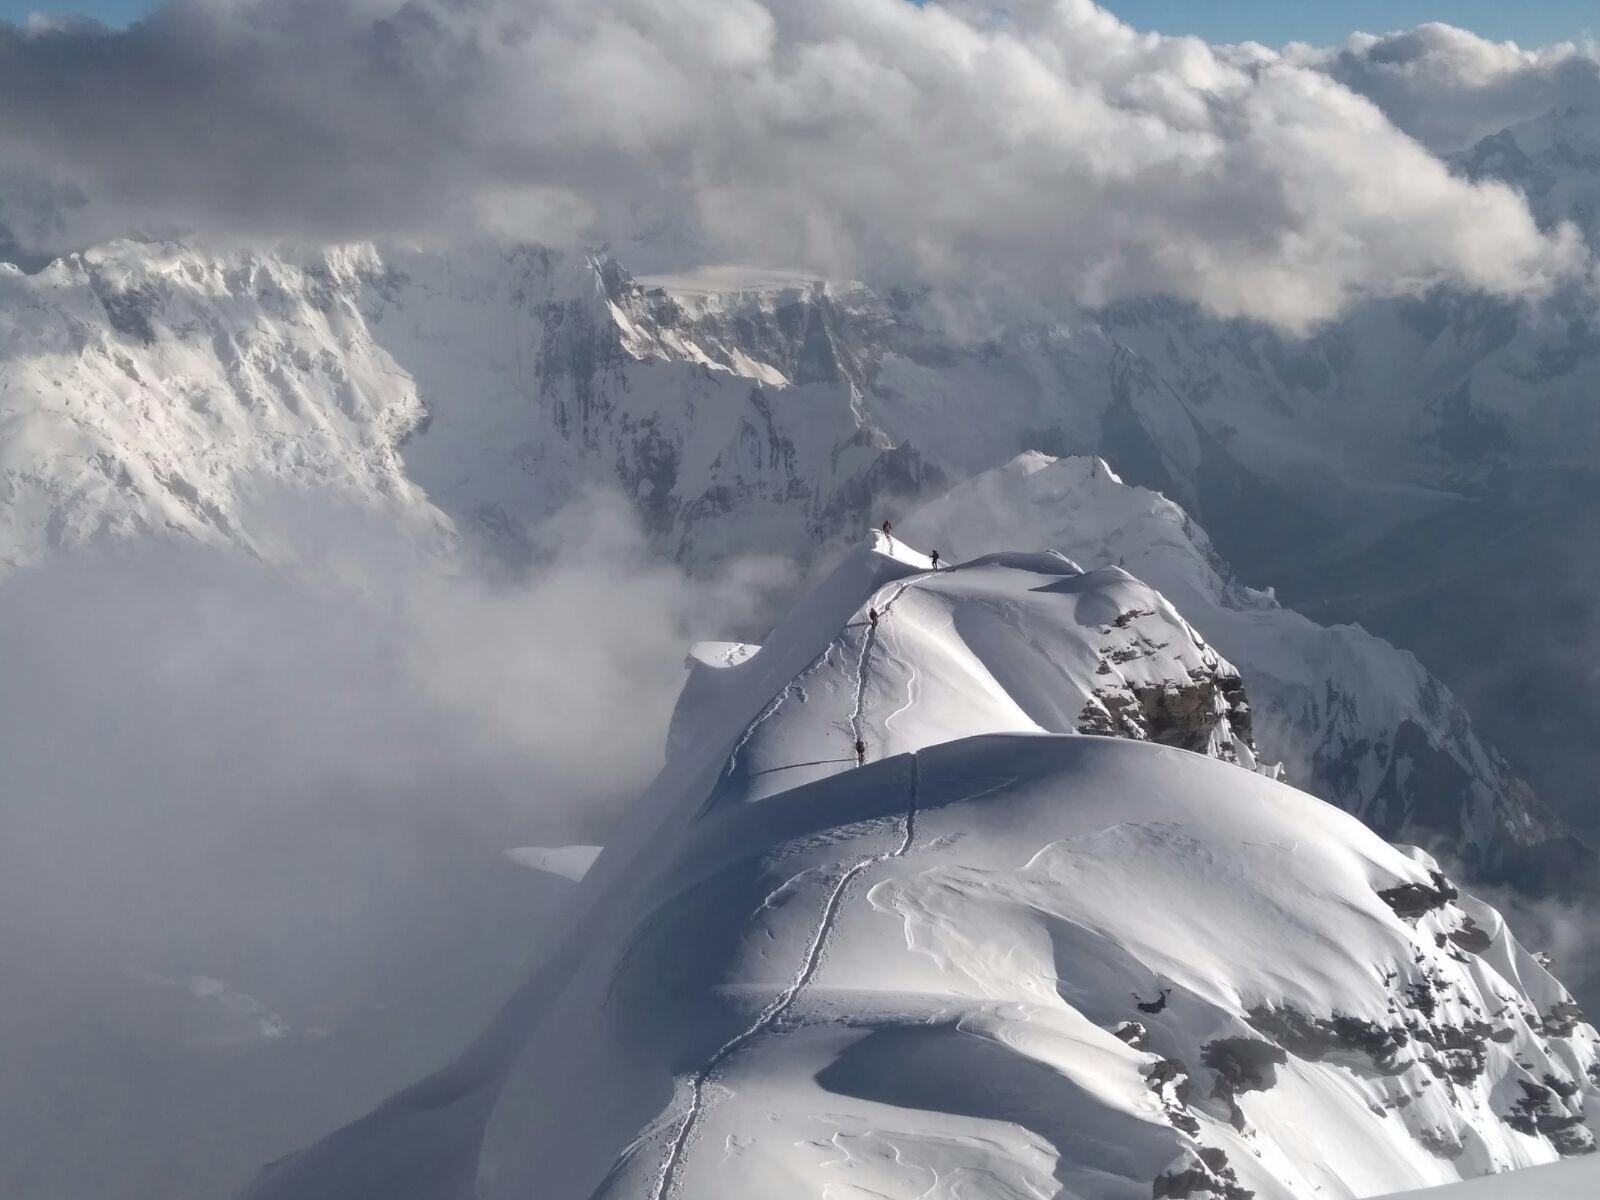 TDF Korjenevskaya Ekibi zirve tırmanışını tamamladı.